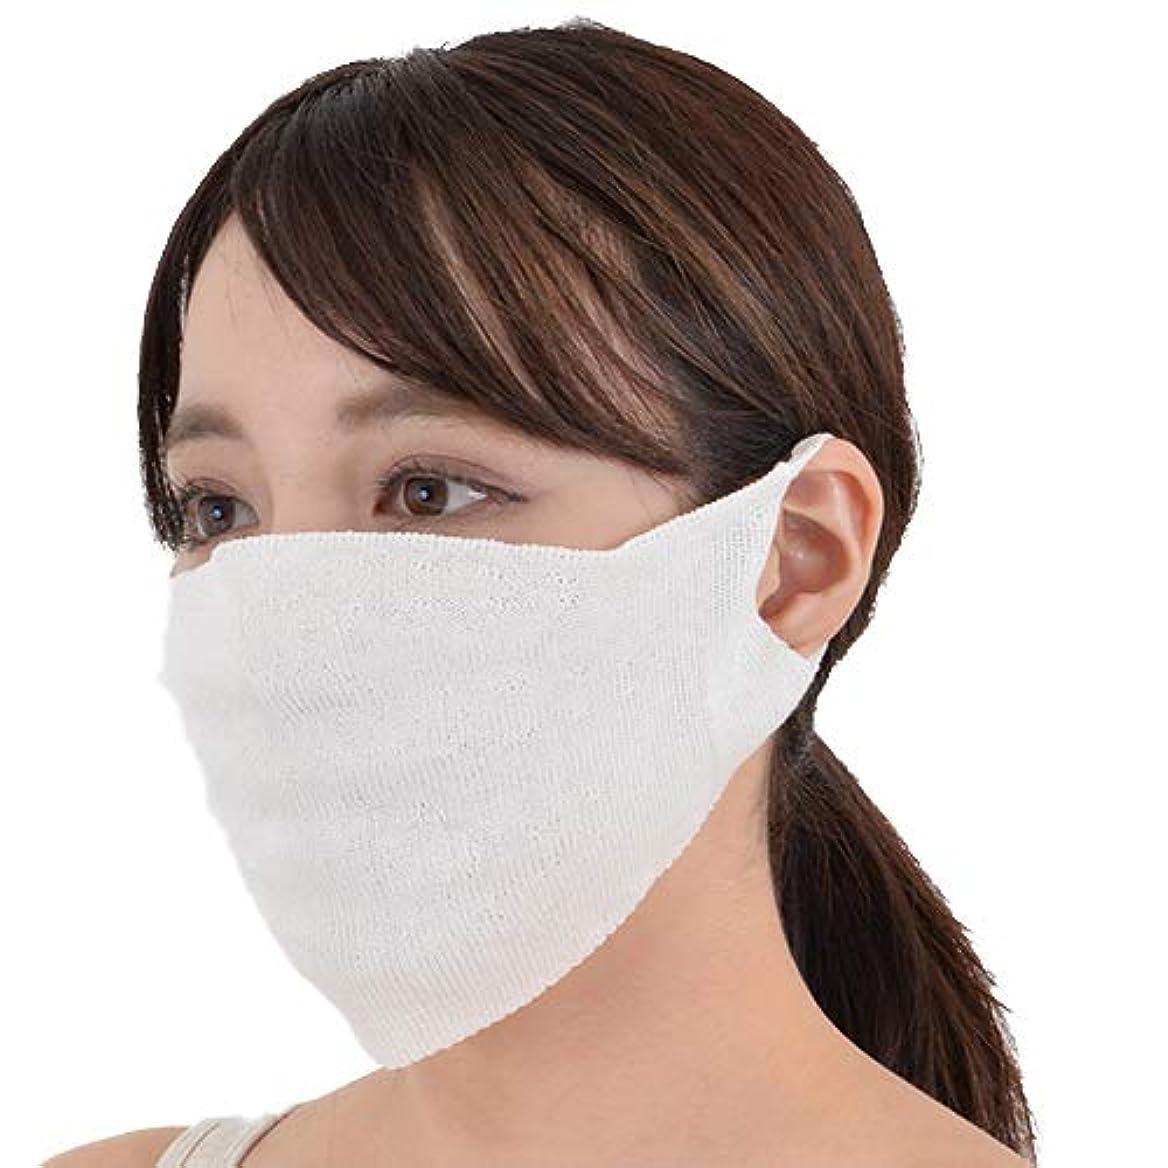 落胆させる起きてトーン【SILK100%】無縫製 保湿マスク シルク100% ホールガーメント® 日本製 工場直販 (オフホワイト)(4045-7187)